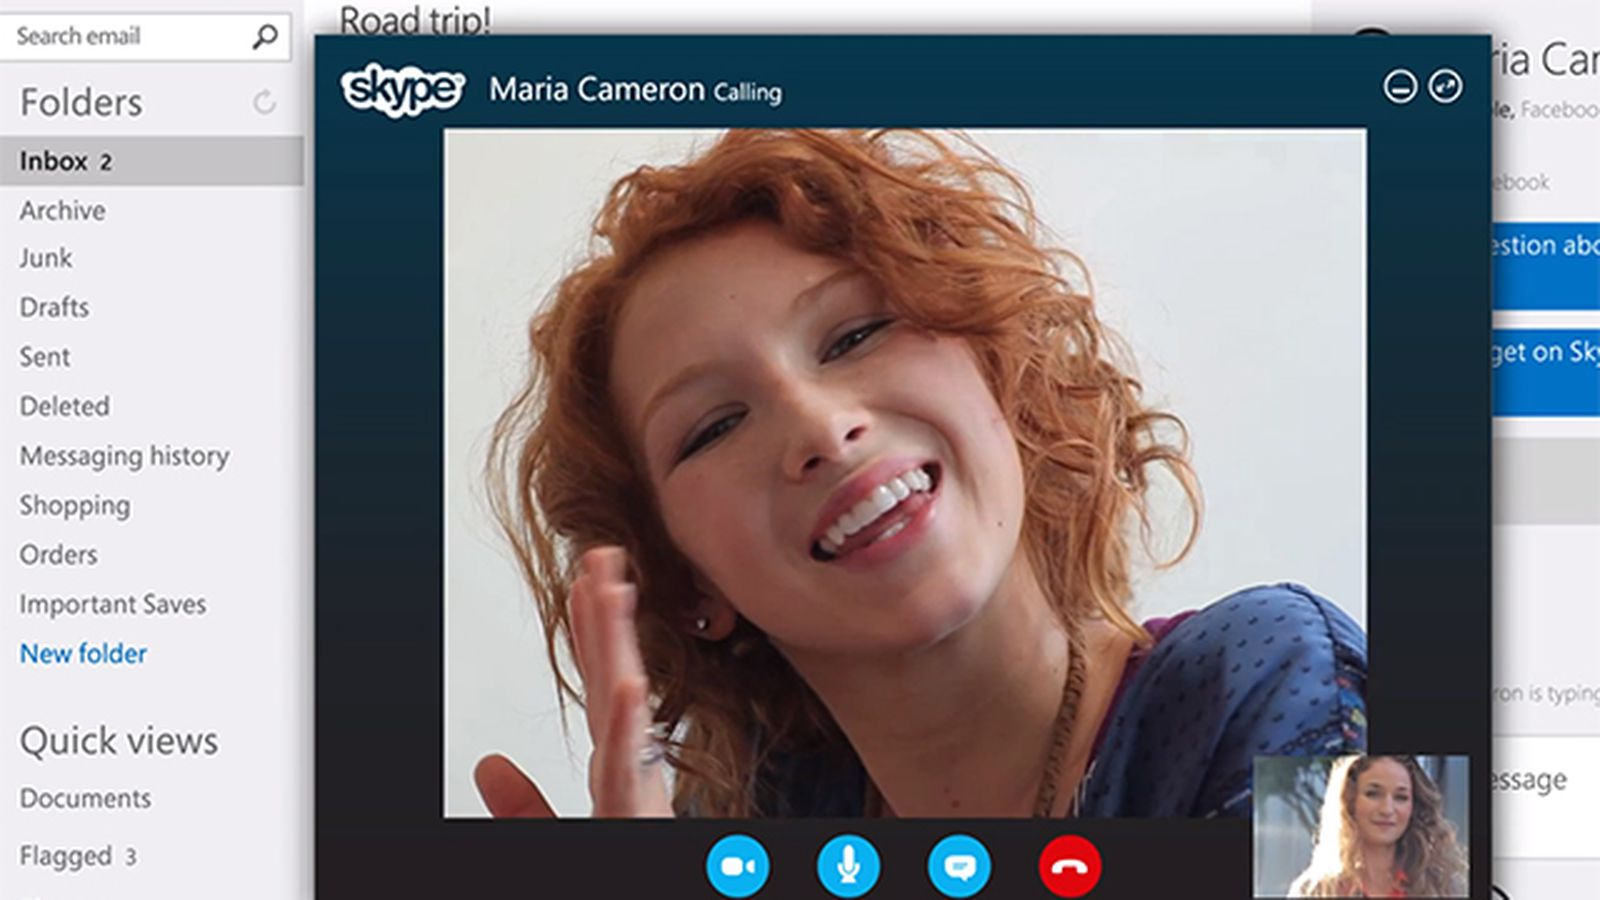 Сайты для разговора с девушками по скайпу 11 фотография